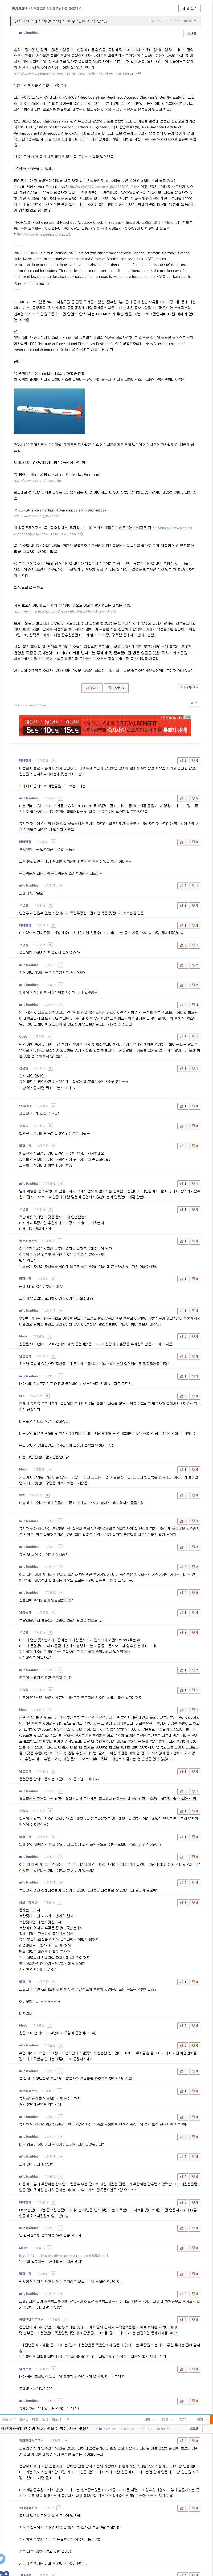 까빙햏이 안수명 관련 일워에 올린글을 봣는데.